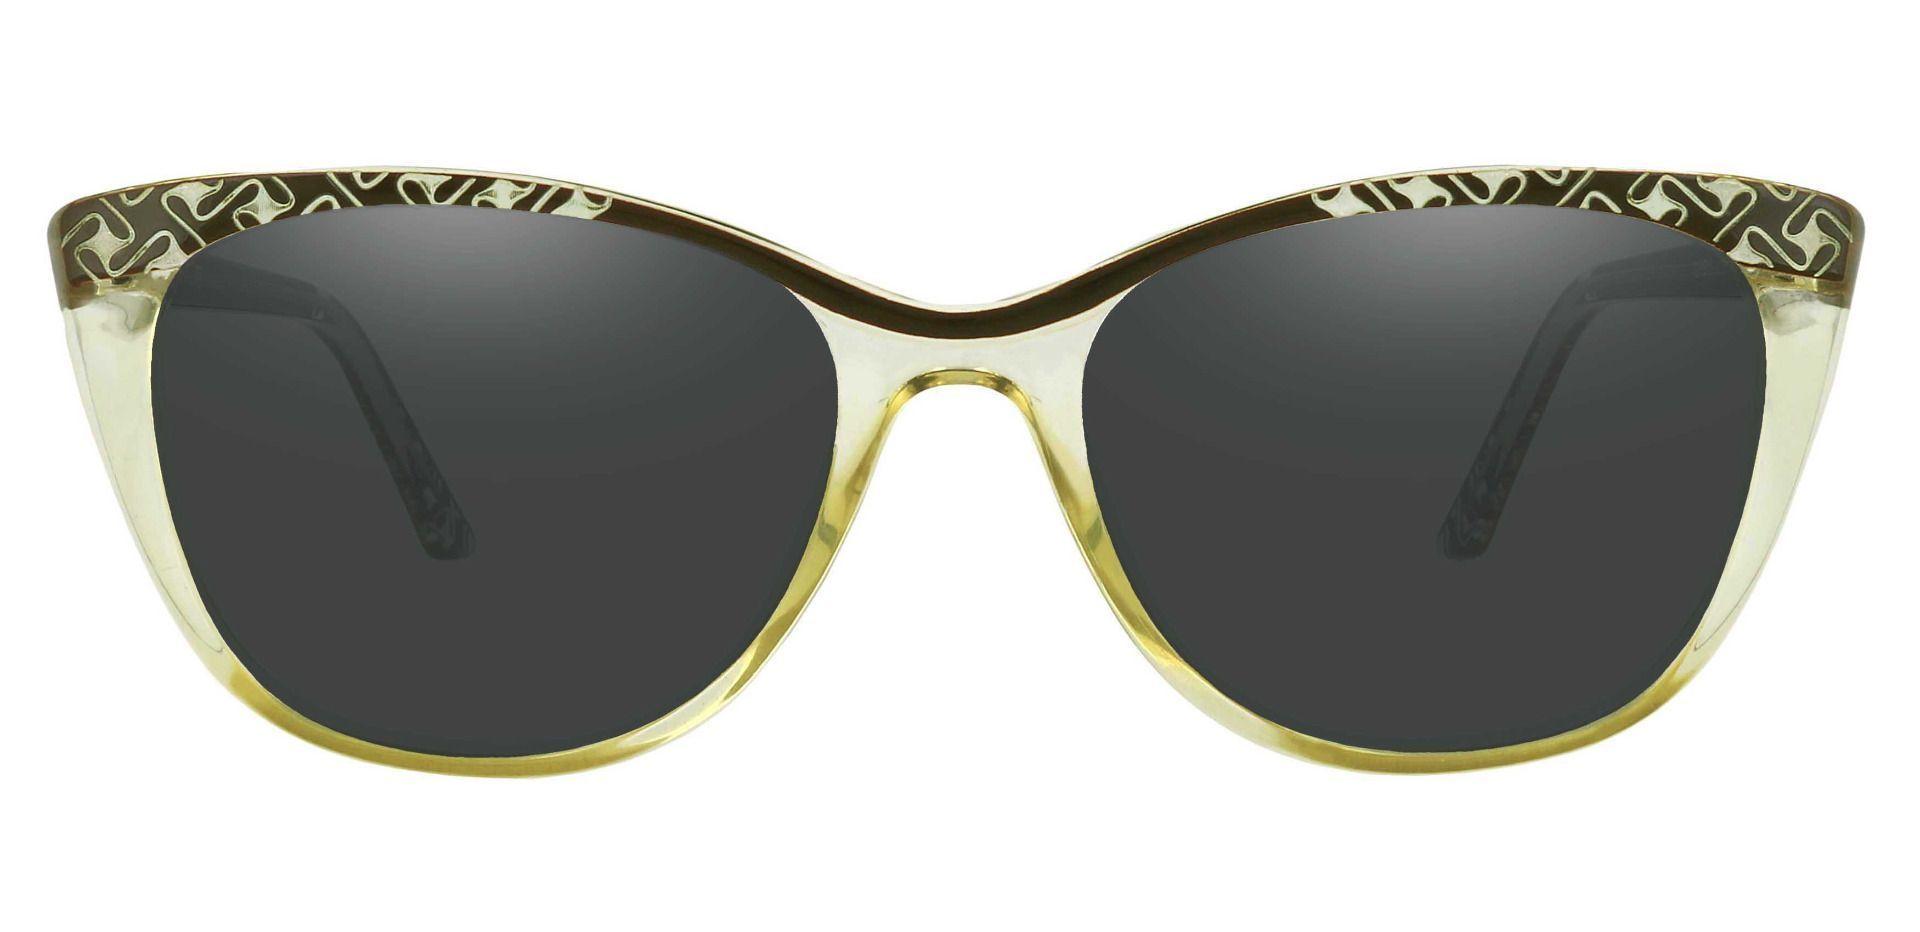 Alberta Cat Eye Prescription Sunglasses - Green Frame With Gray Lenses